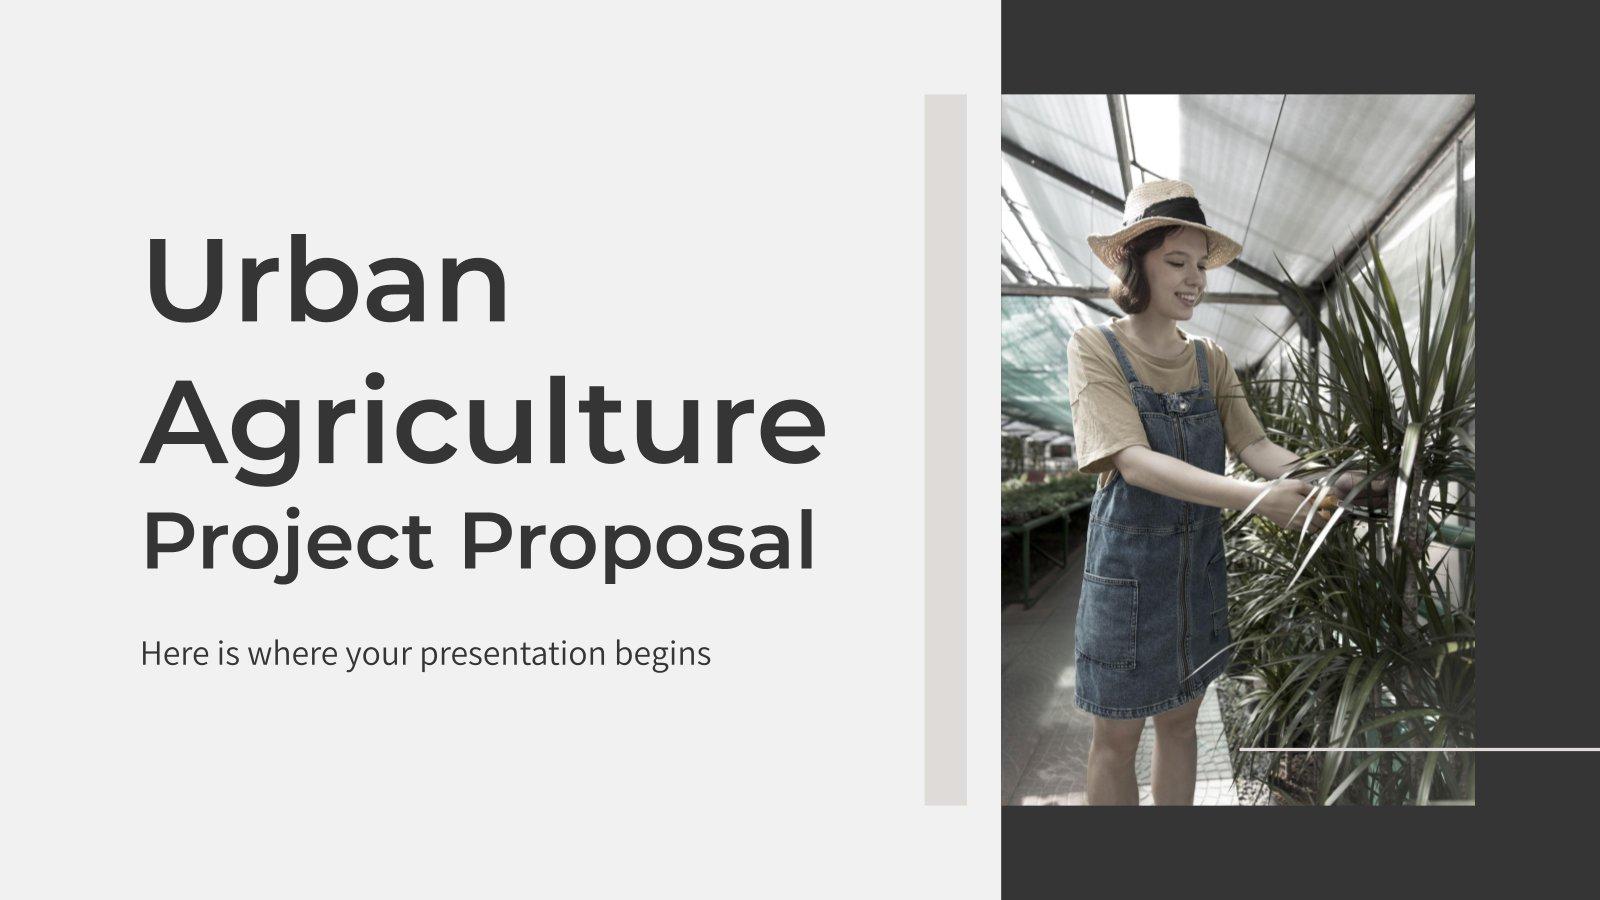 Projektvorschlag für urbane Landwirtschaft Präsentationsvorlage